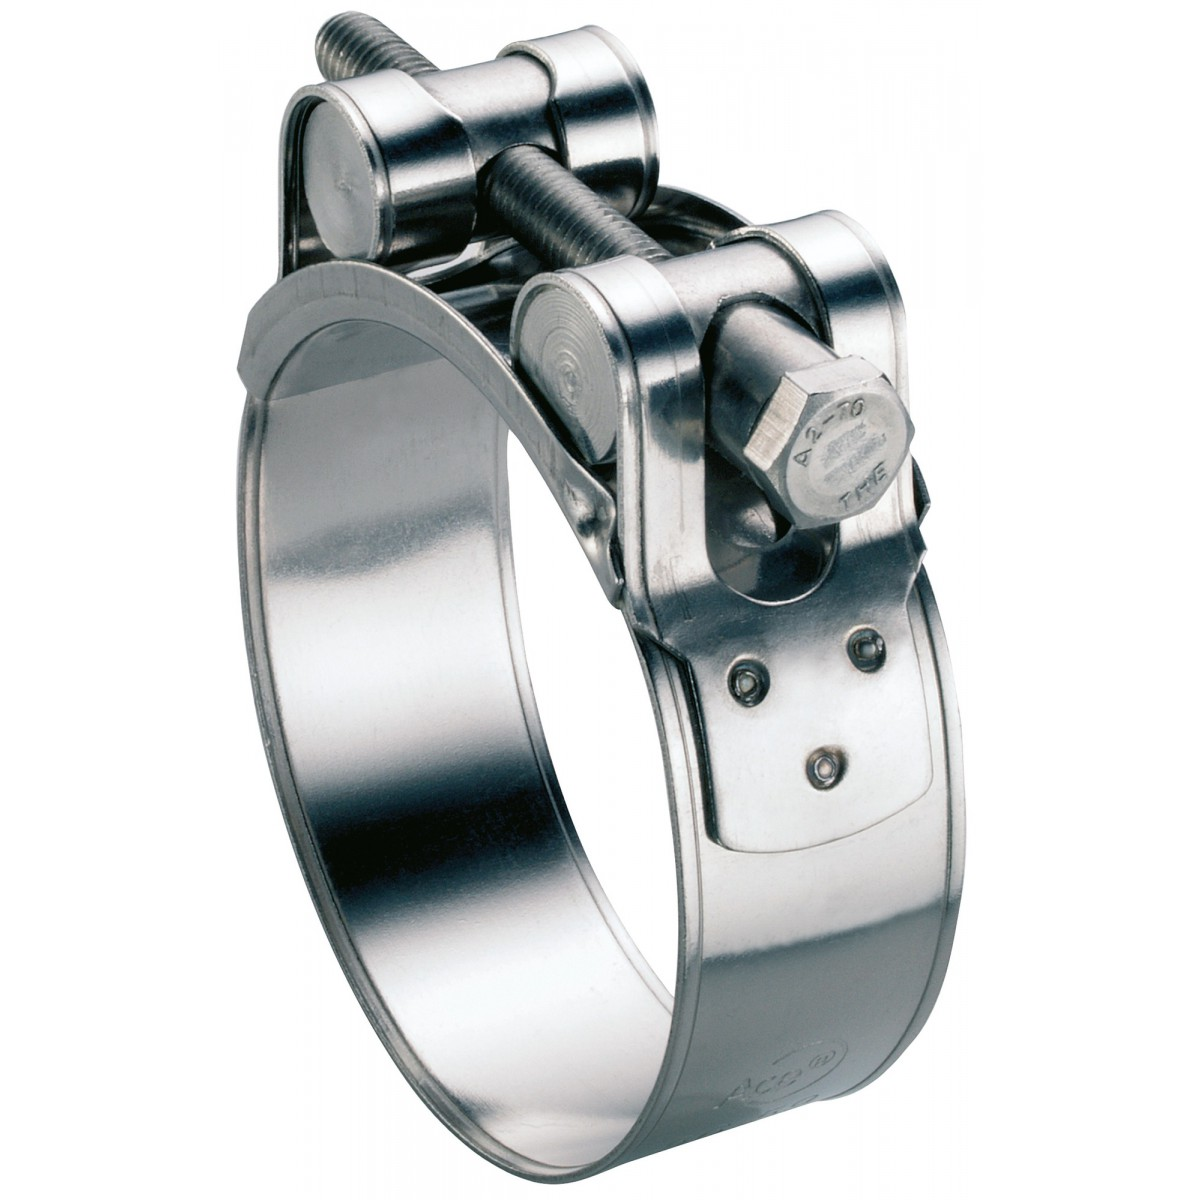 Collier à tourillons inox W4 Ace - Diamètre 23 - 25 mm - Vendu par 5